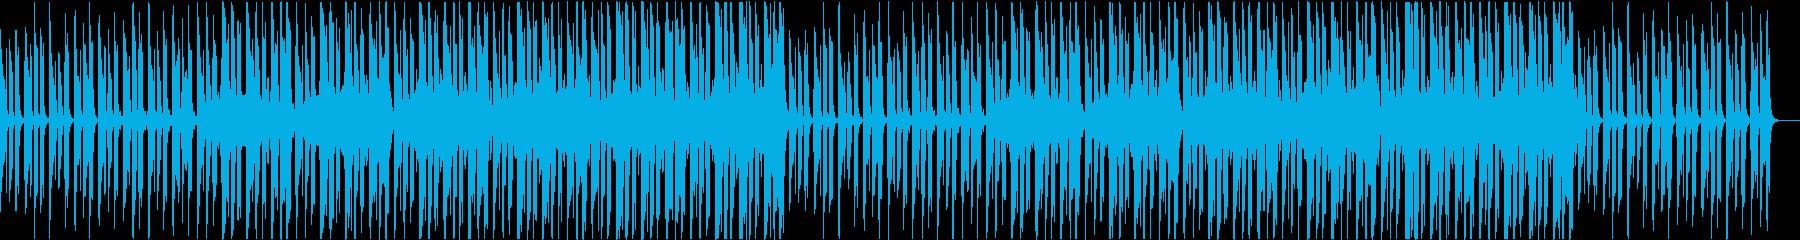 穏やかおしゃれかわいい軽快なボサノバaの再生済みの波形